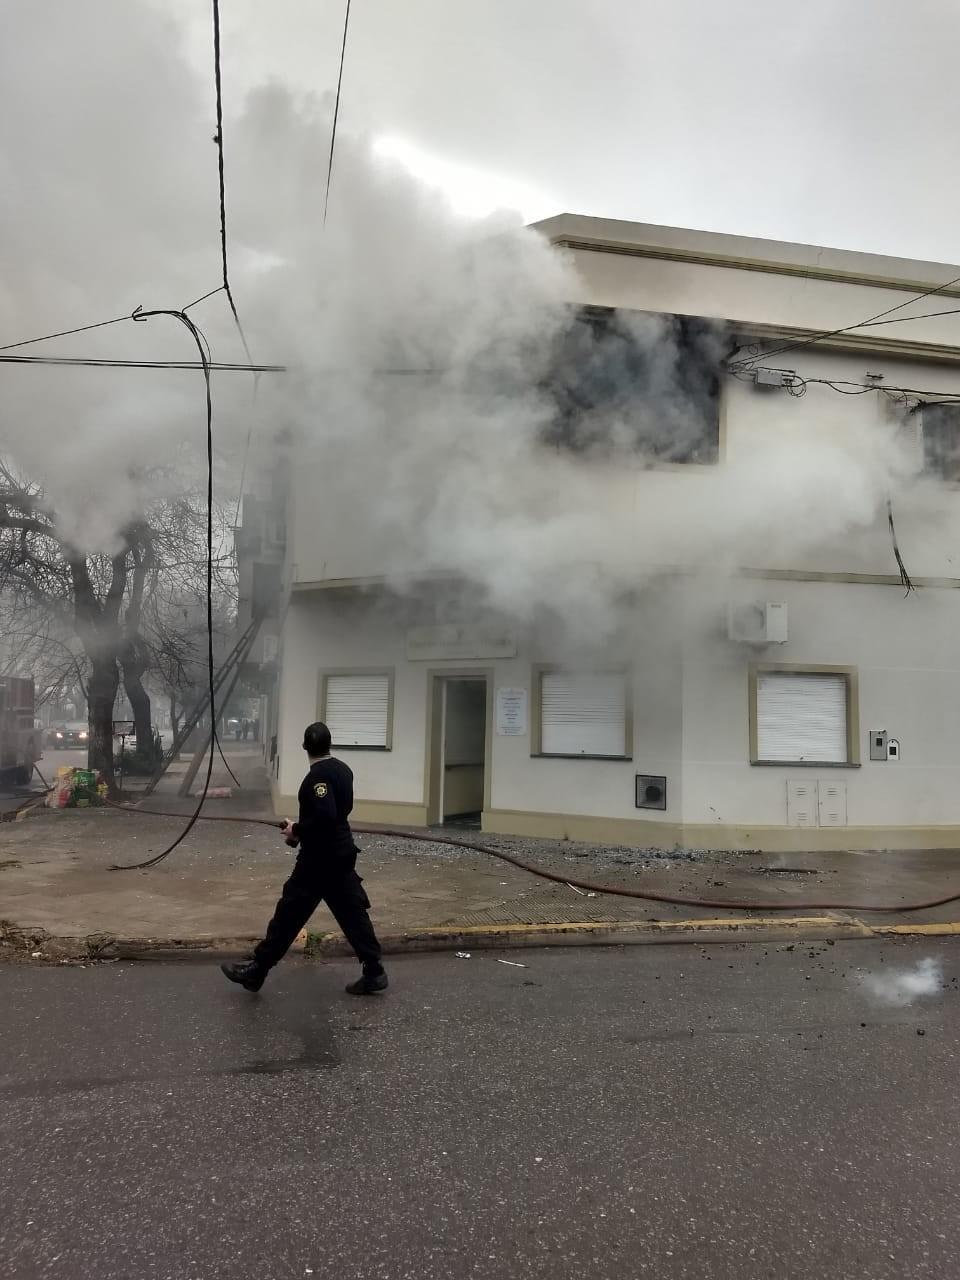 La Policía Comunitaria rescató a víctimas de un incendio en la esquina de Crespo y Zavalla